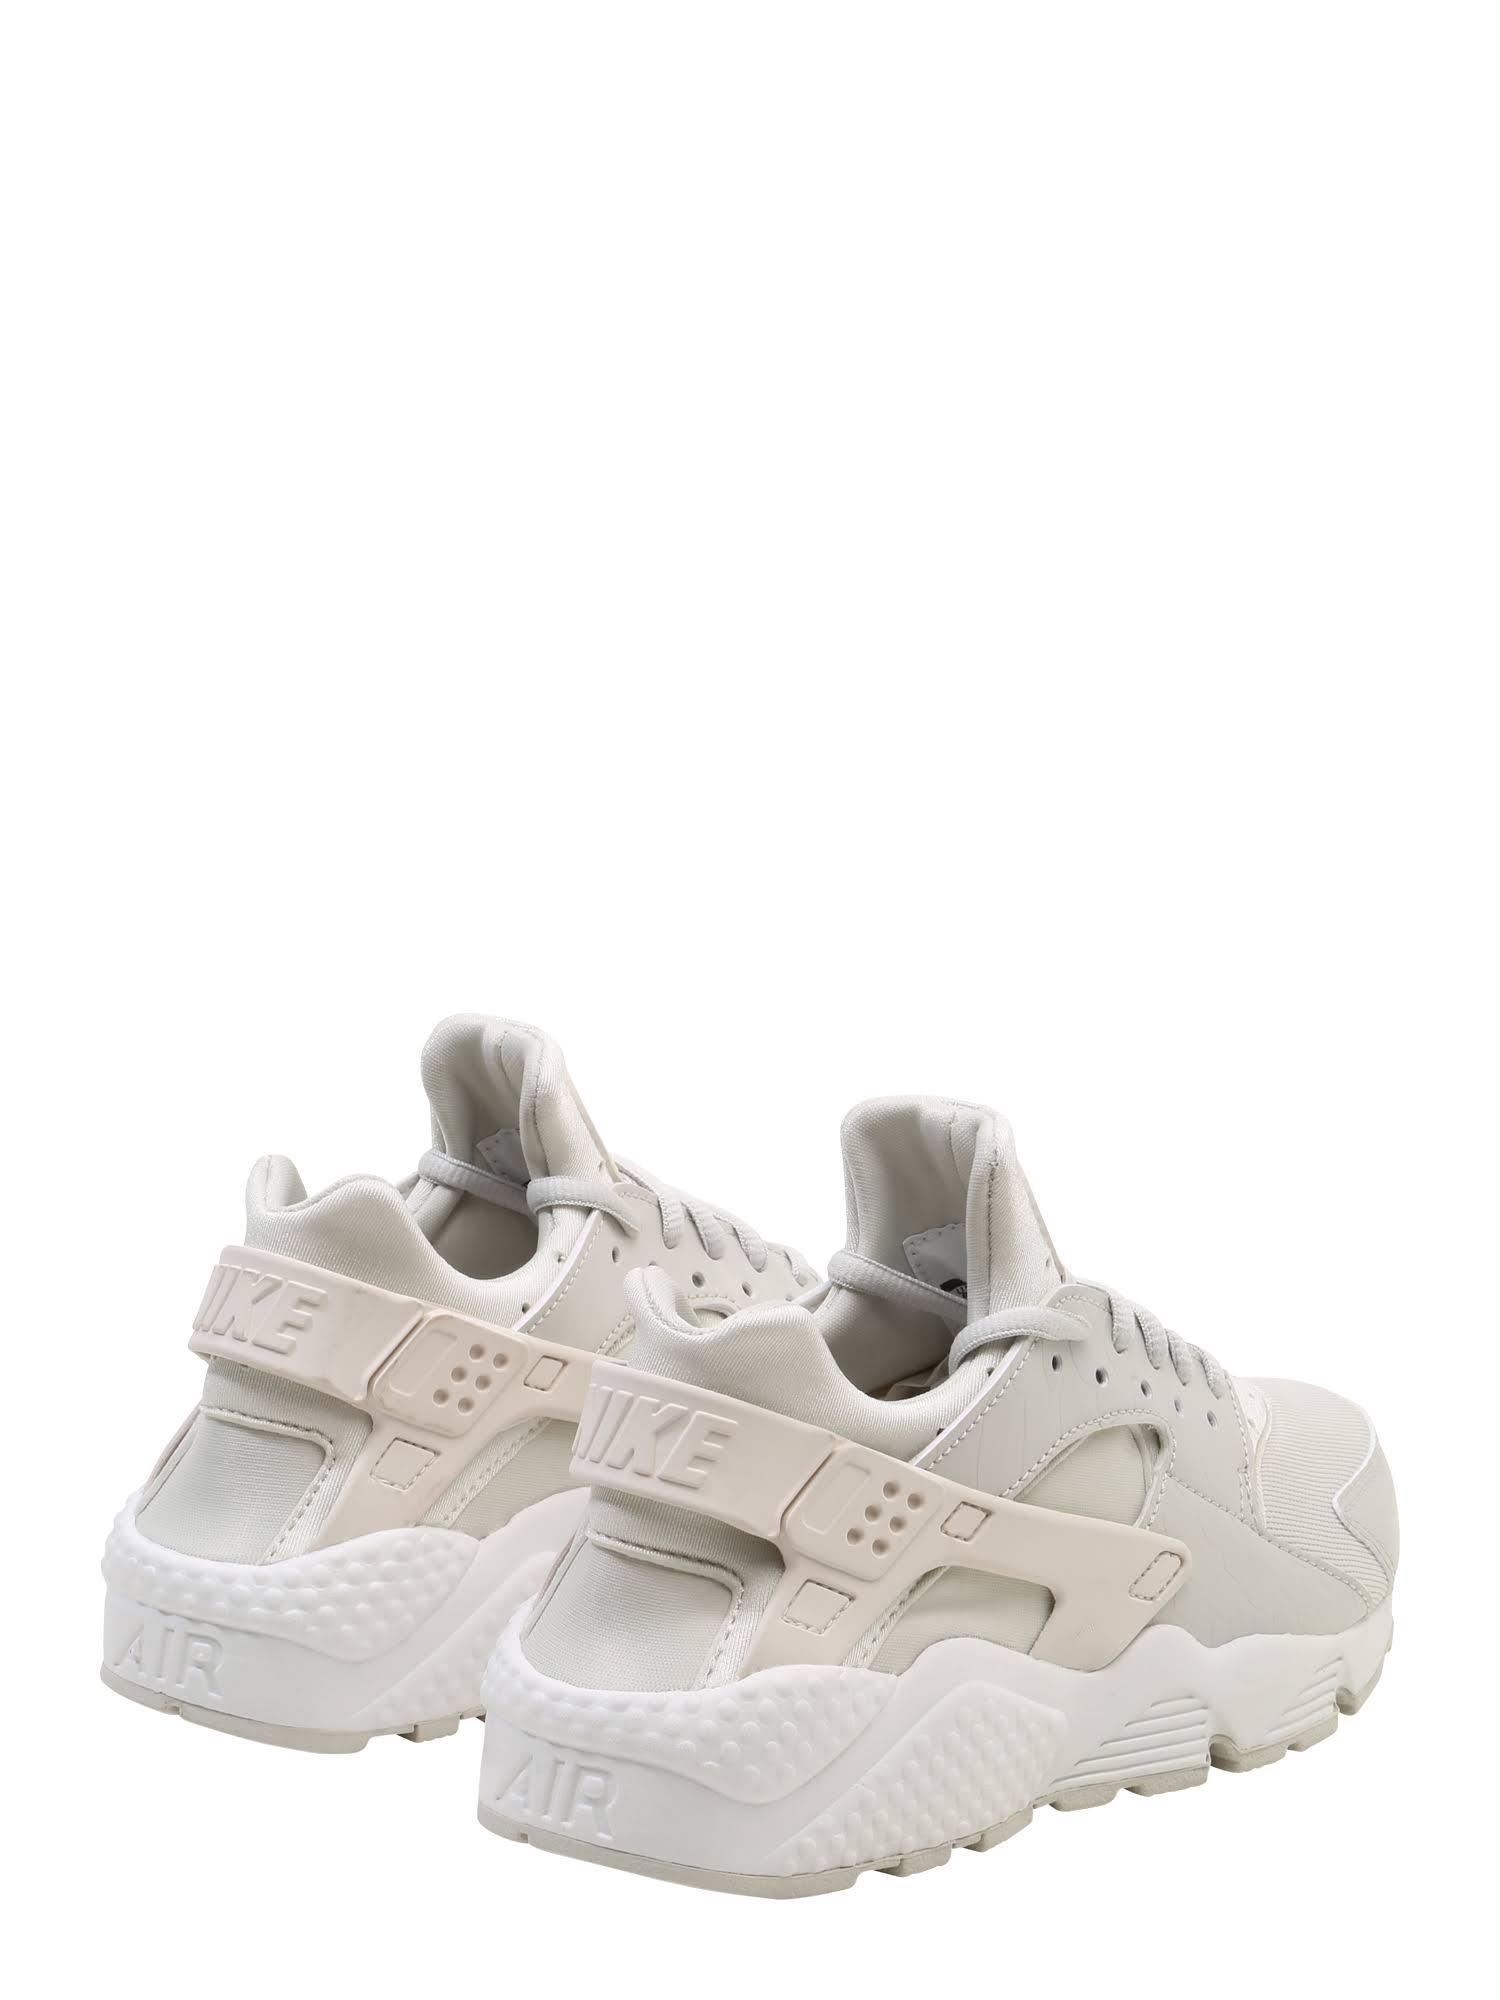 Run Bone Whit Elfenbein summit Größe Air 5 phantom 634835028 Nike Schuhe 028 light 36 Huarache qRFxS4H